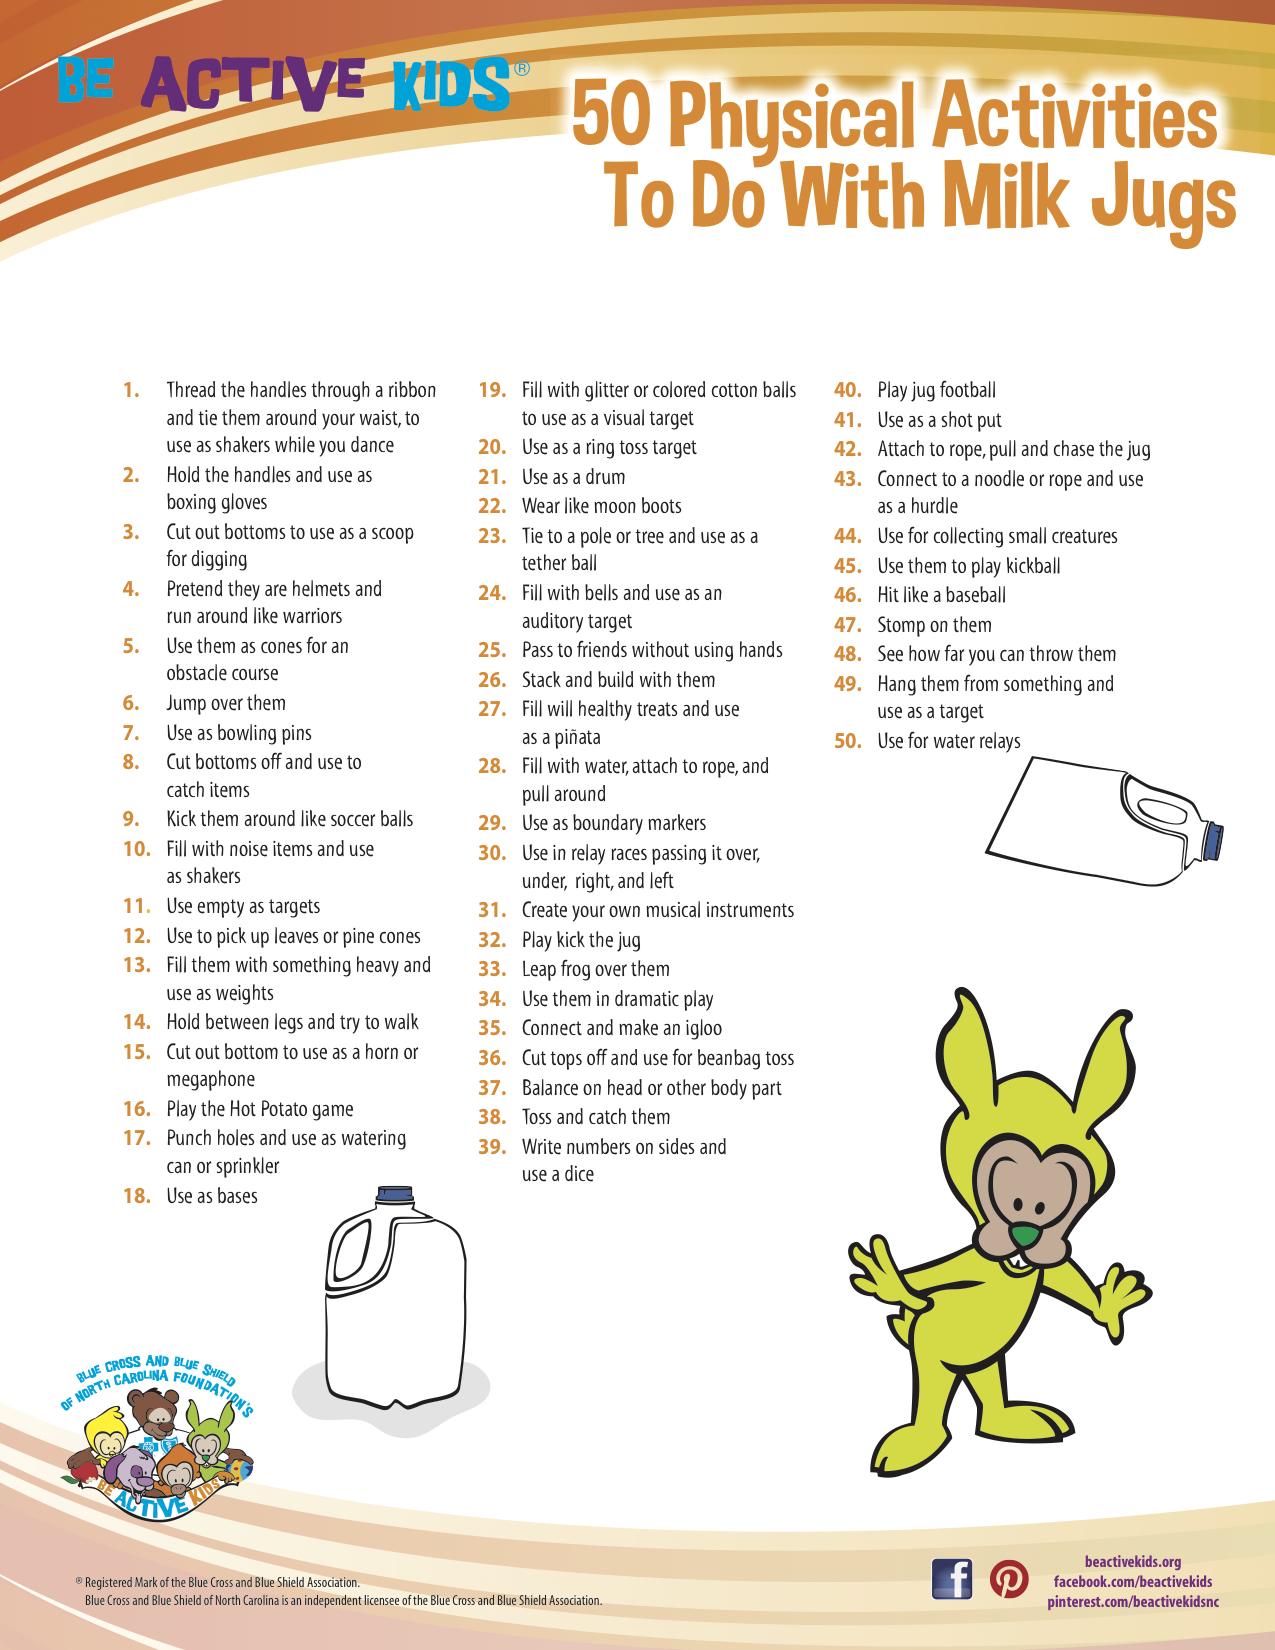 Be Active Kids - 50 Things Milk Jug